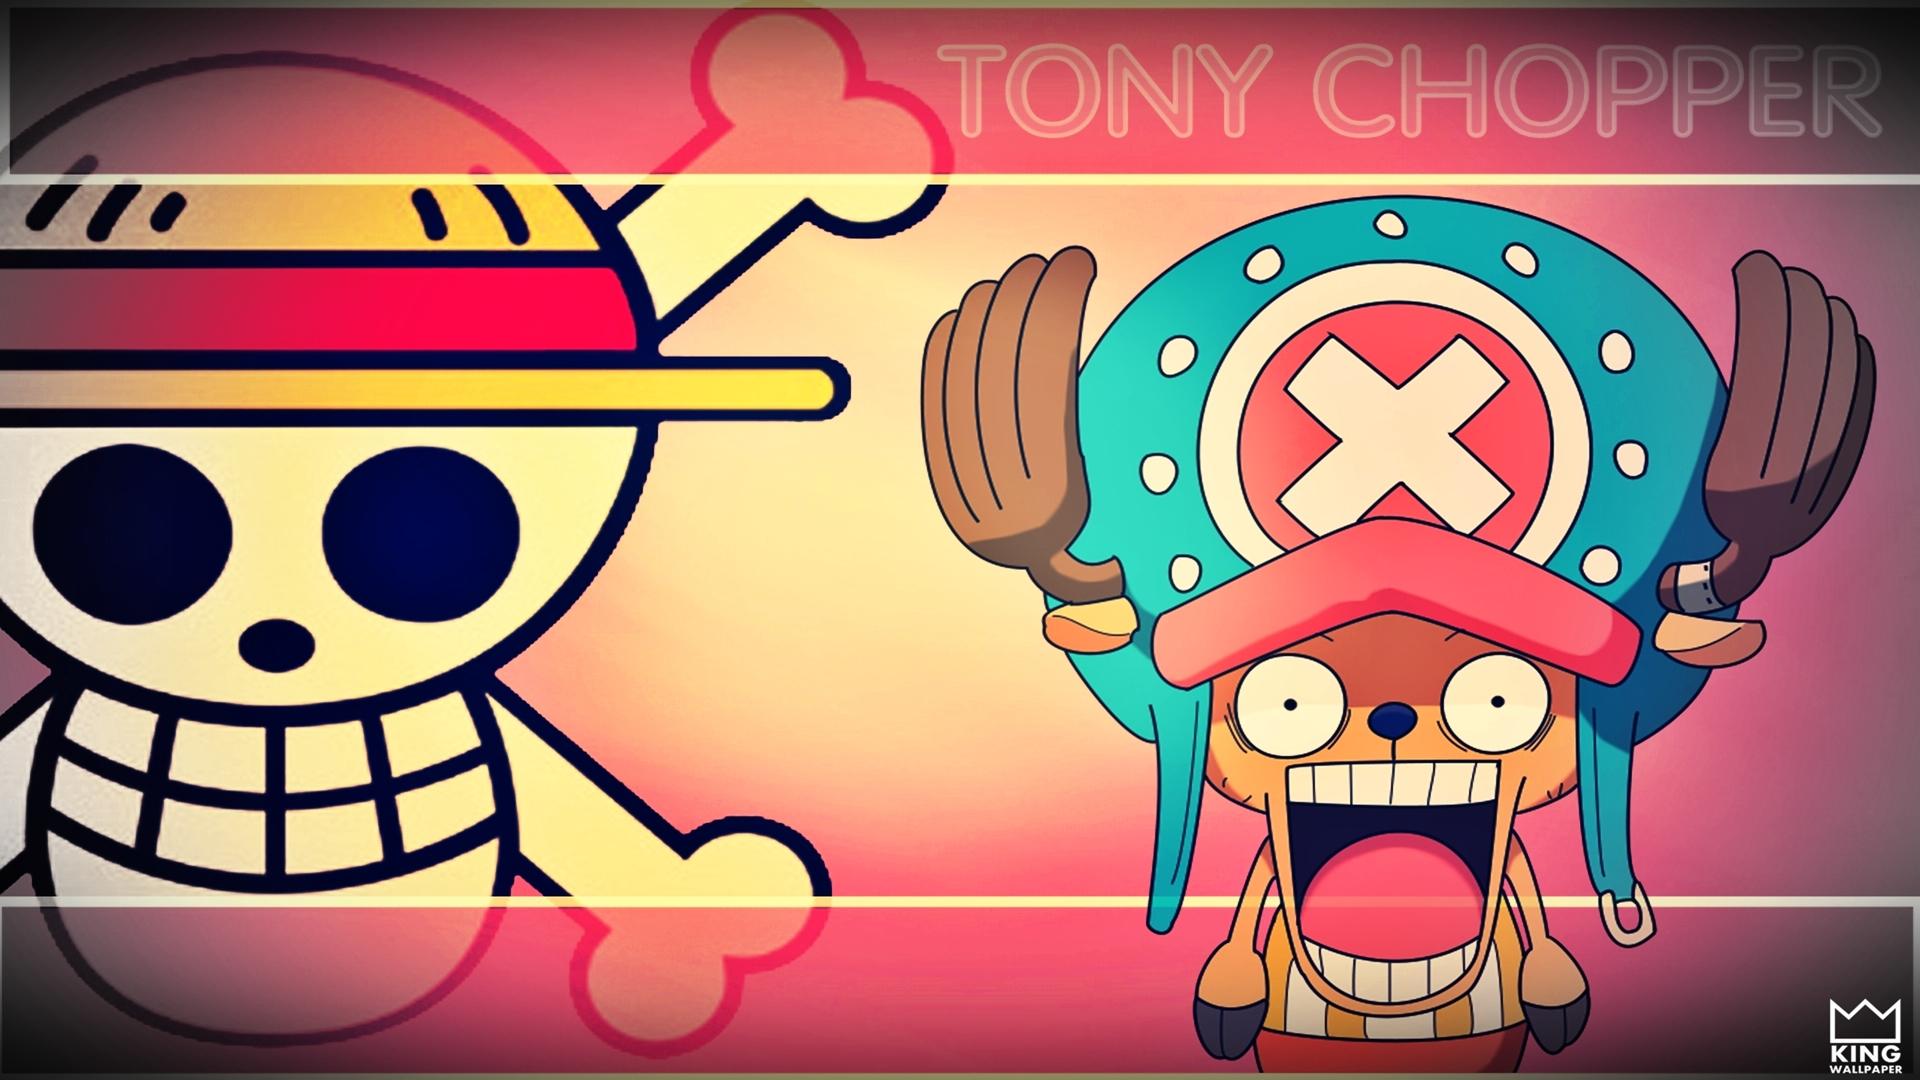 Tony Chopper Wallpaper - @One Piece by Kingwallpaper on ...